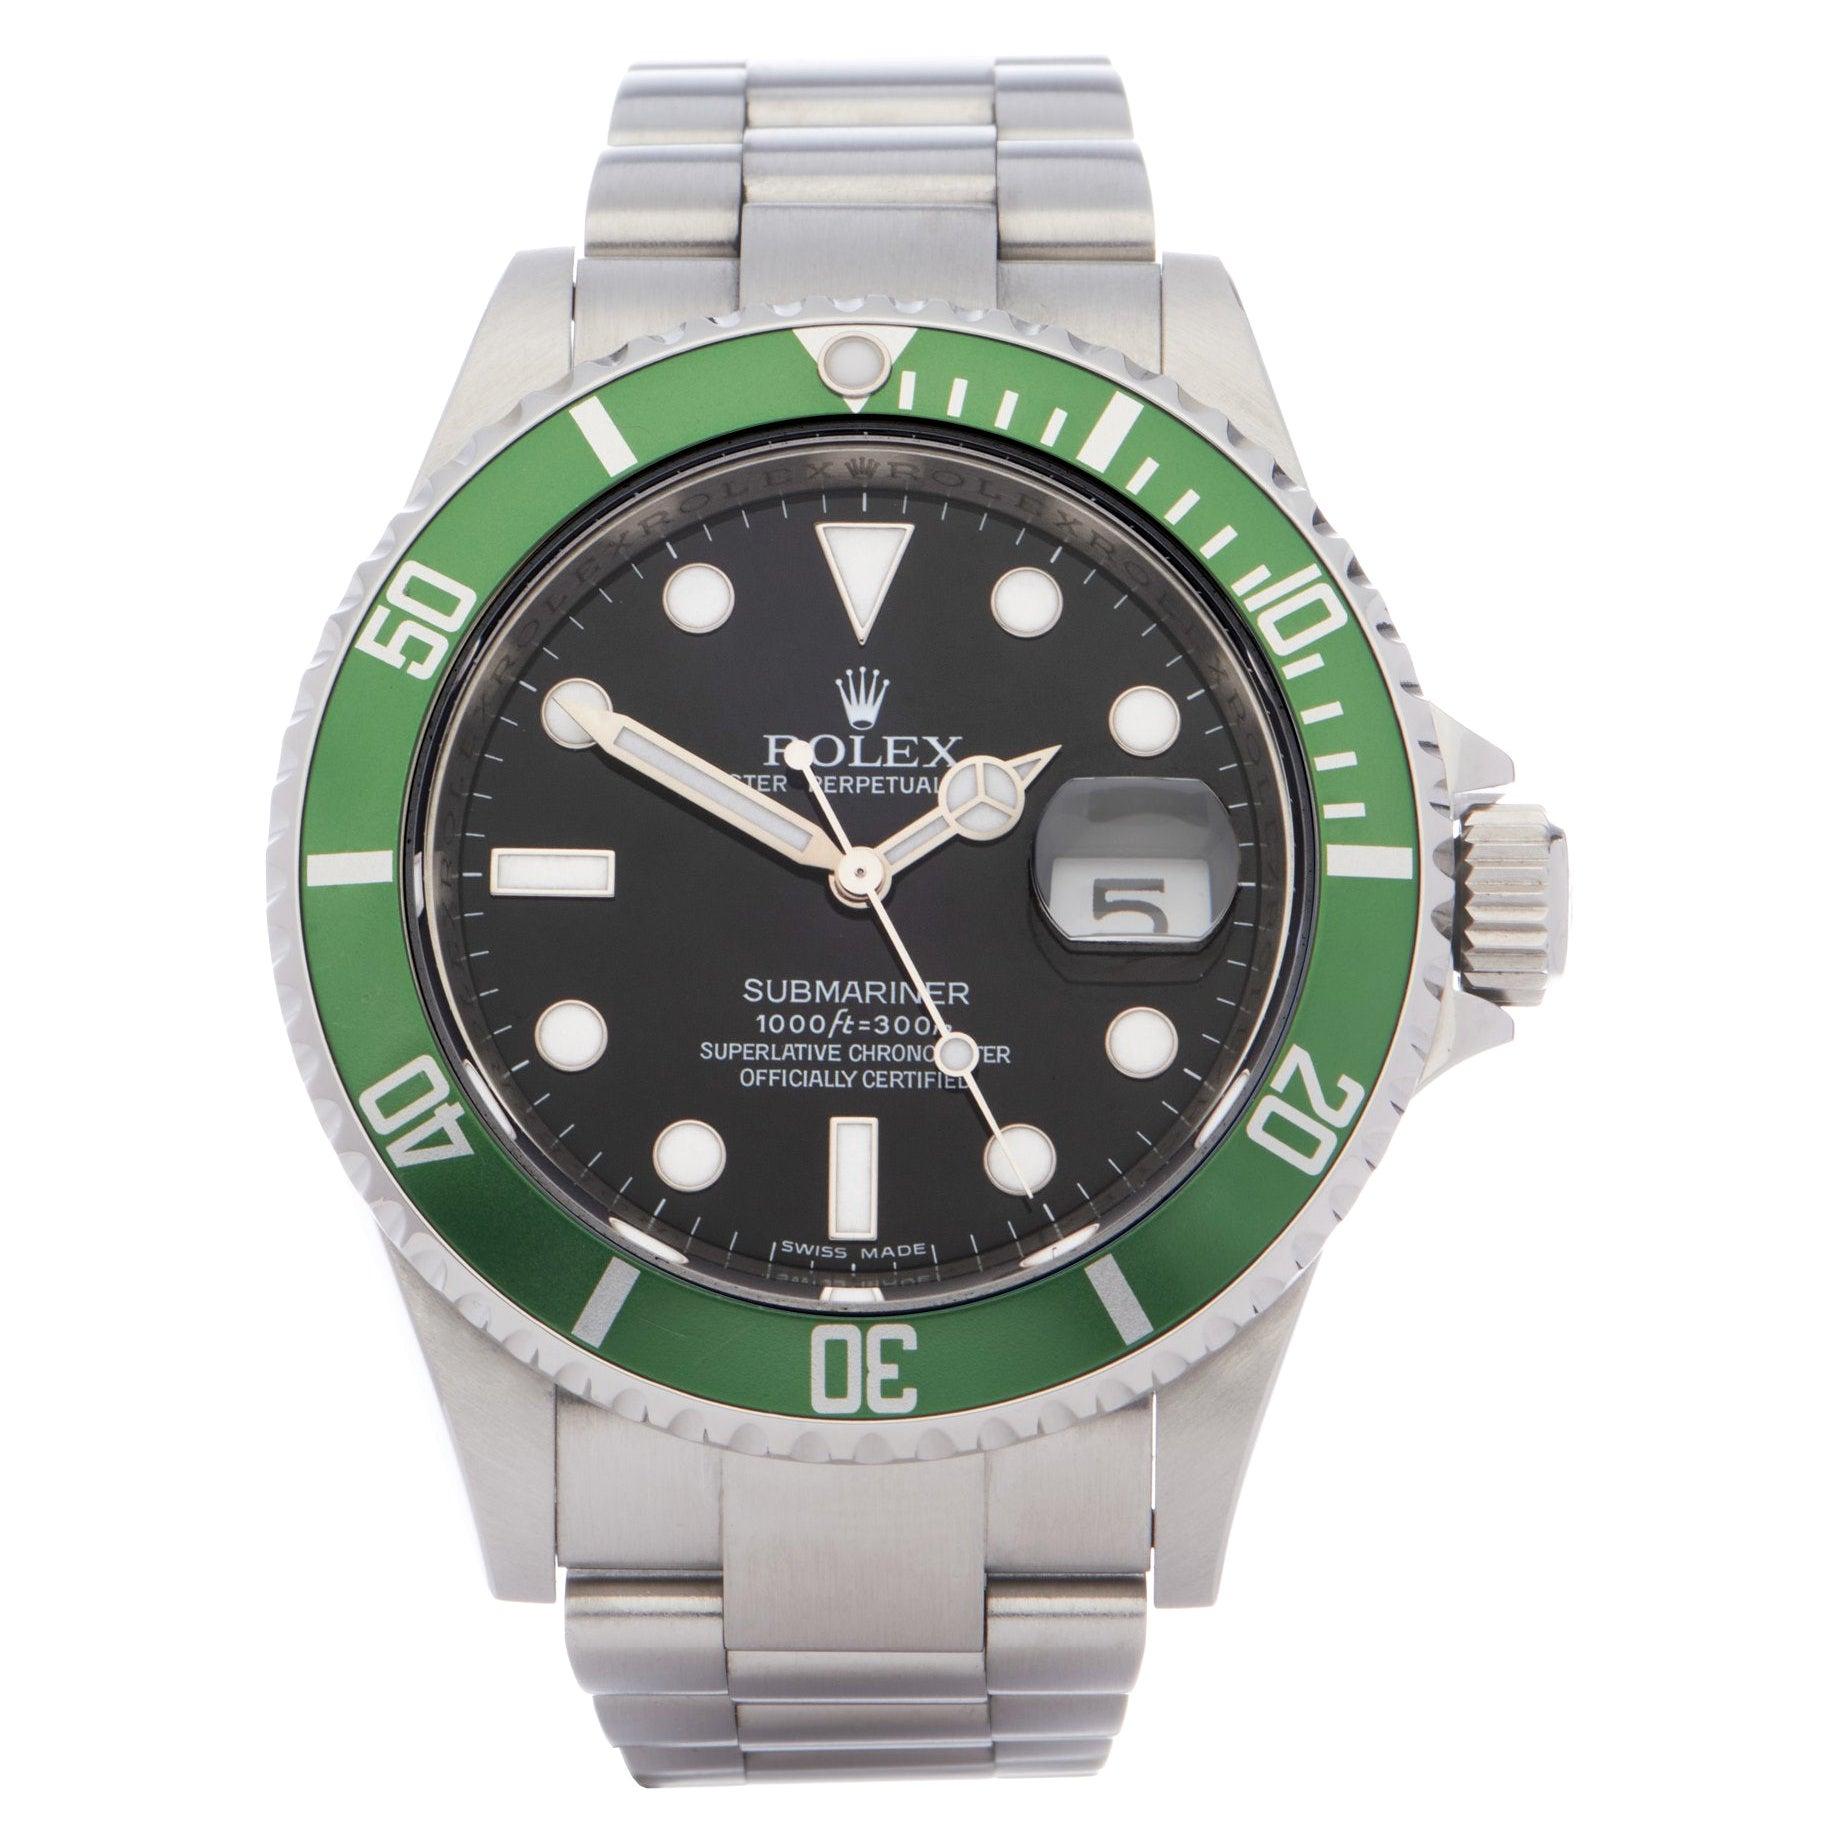 Rolex Submariner 0 16610LV Men Stainless Steel 0 Watch